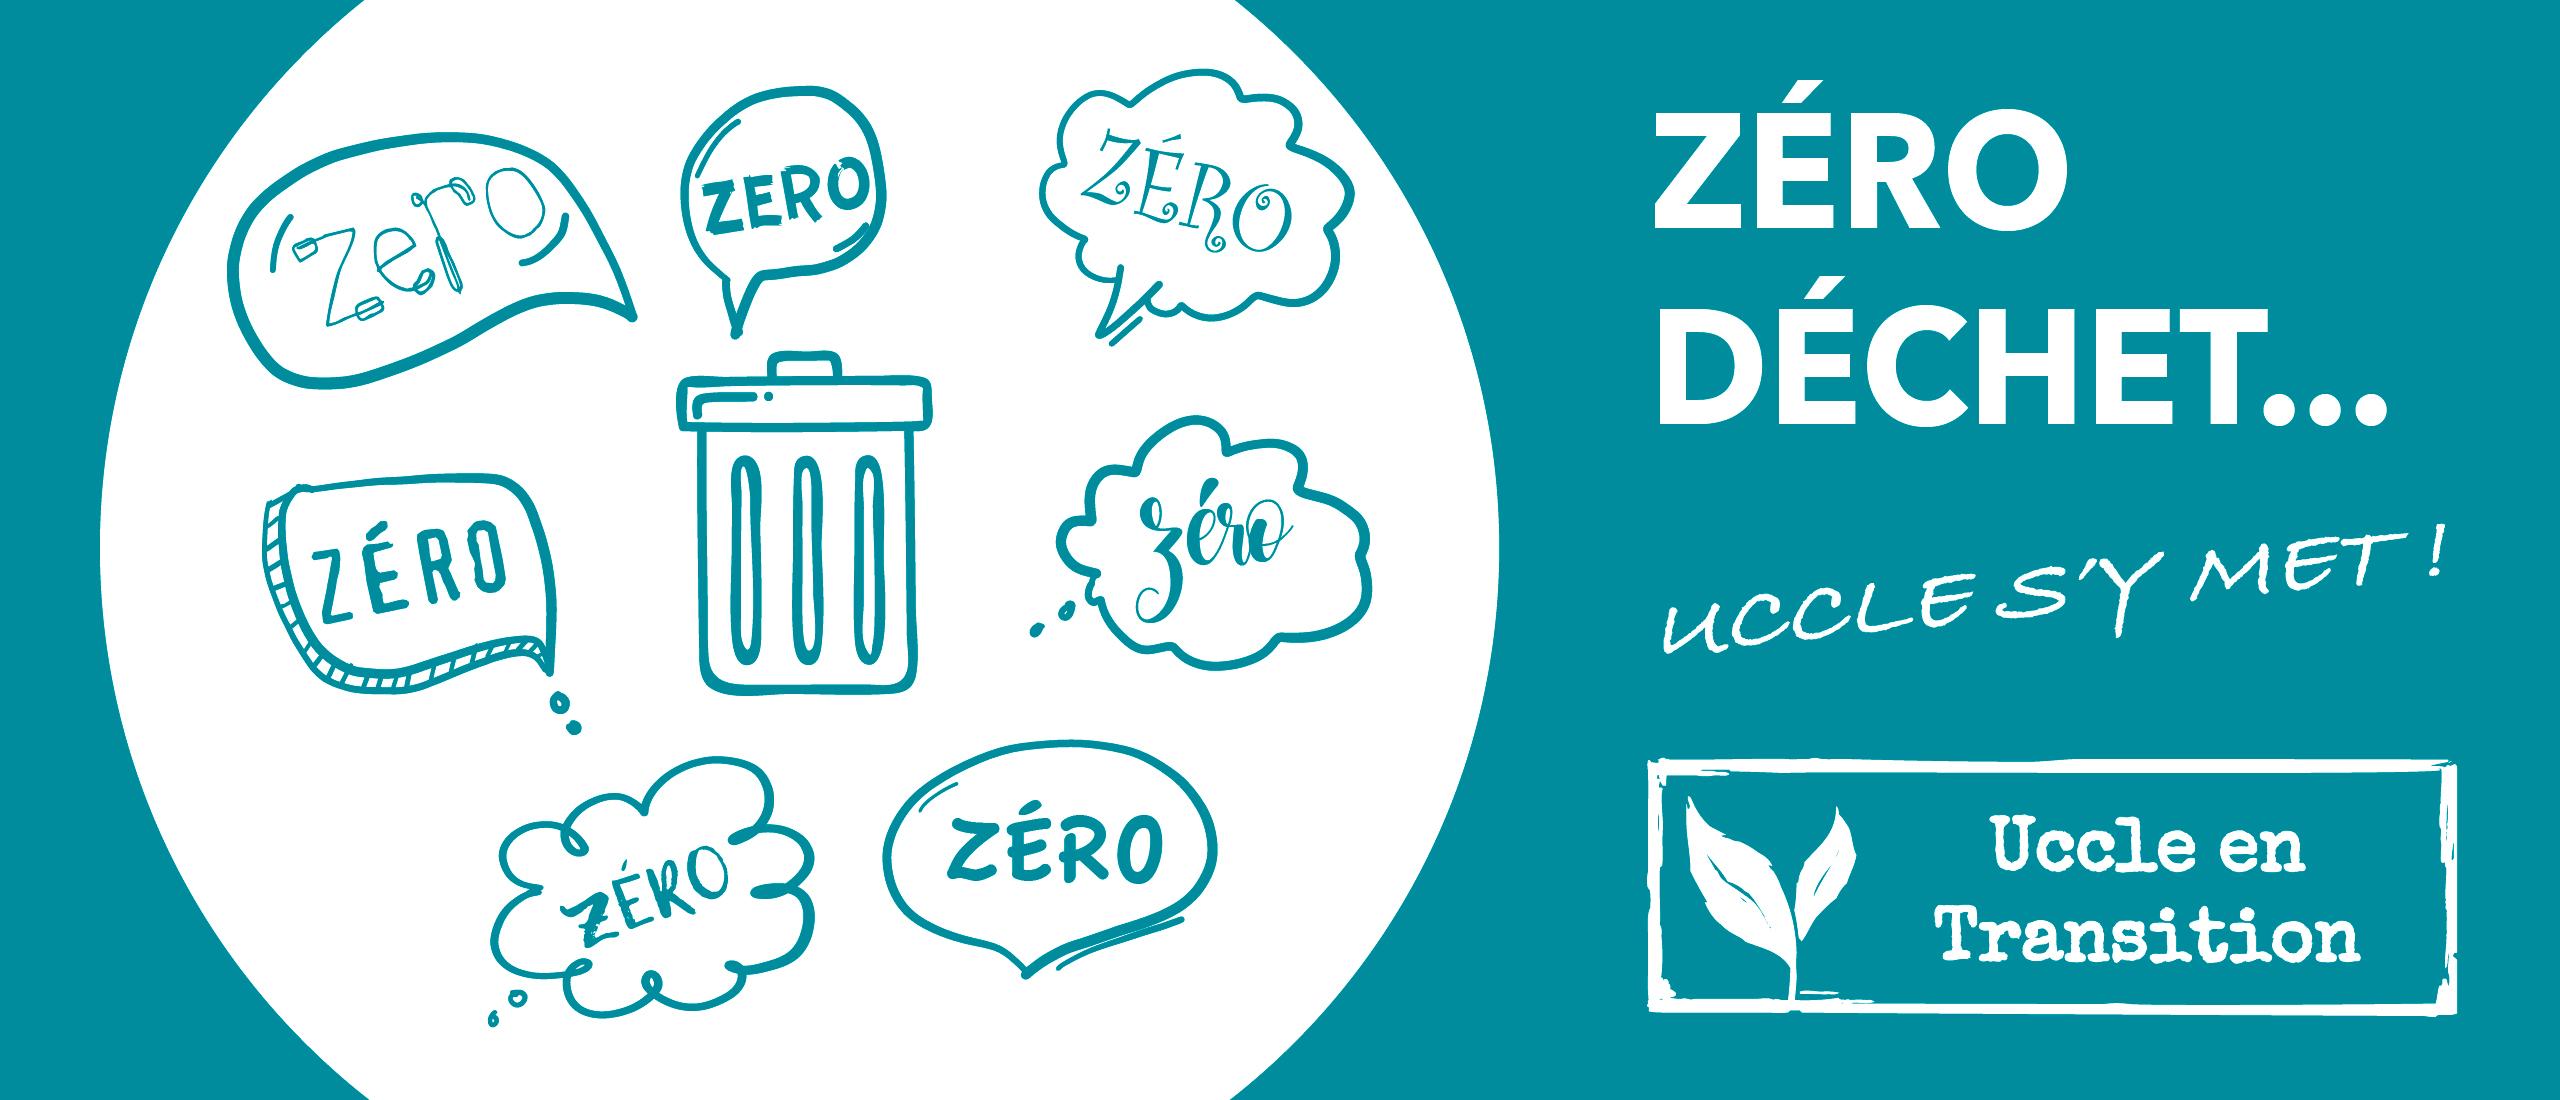 Fête du Zéro Déchet - Uccle en Transition - 23 juin 2018